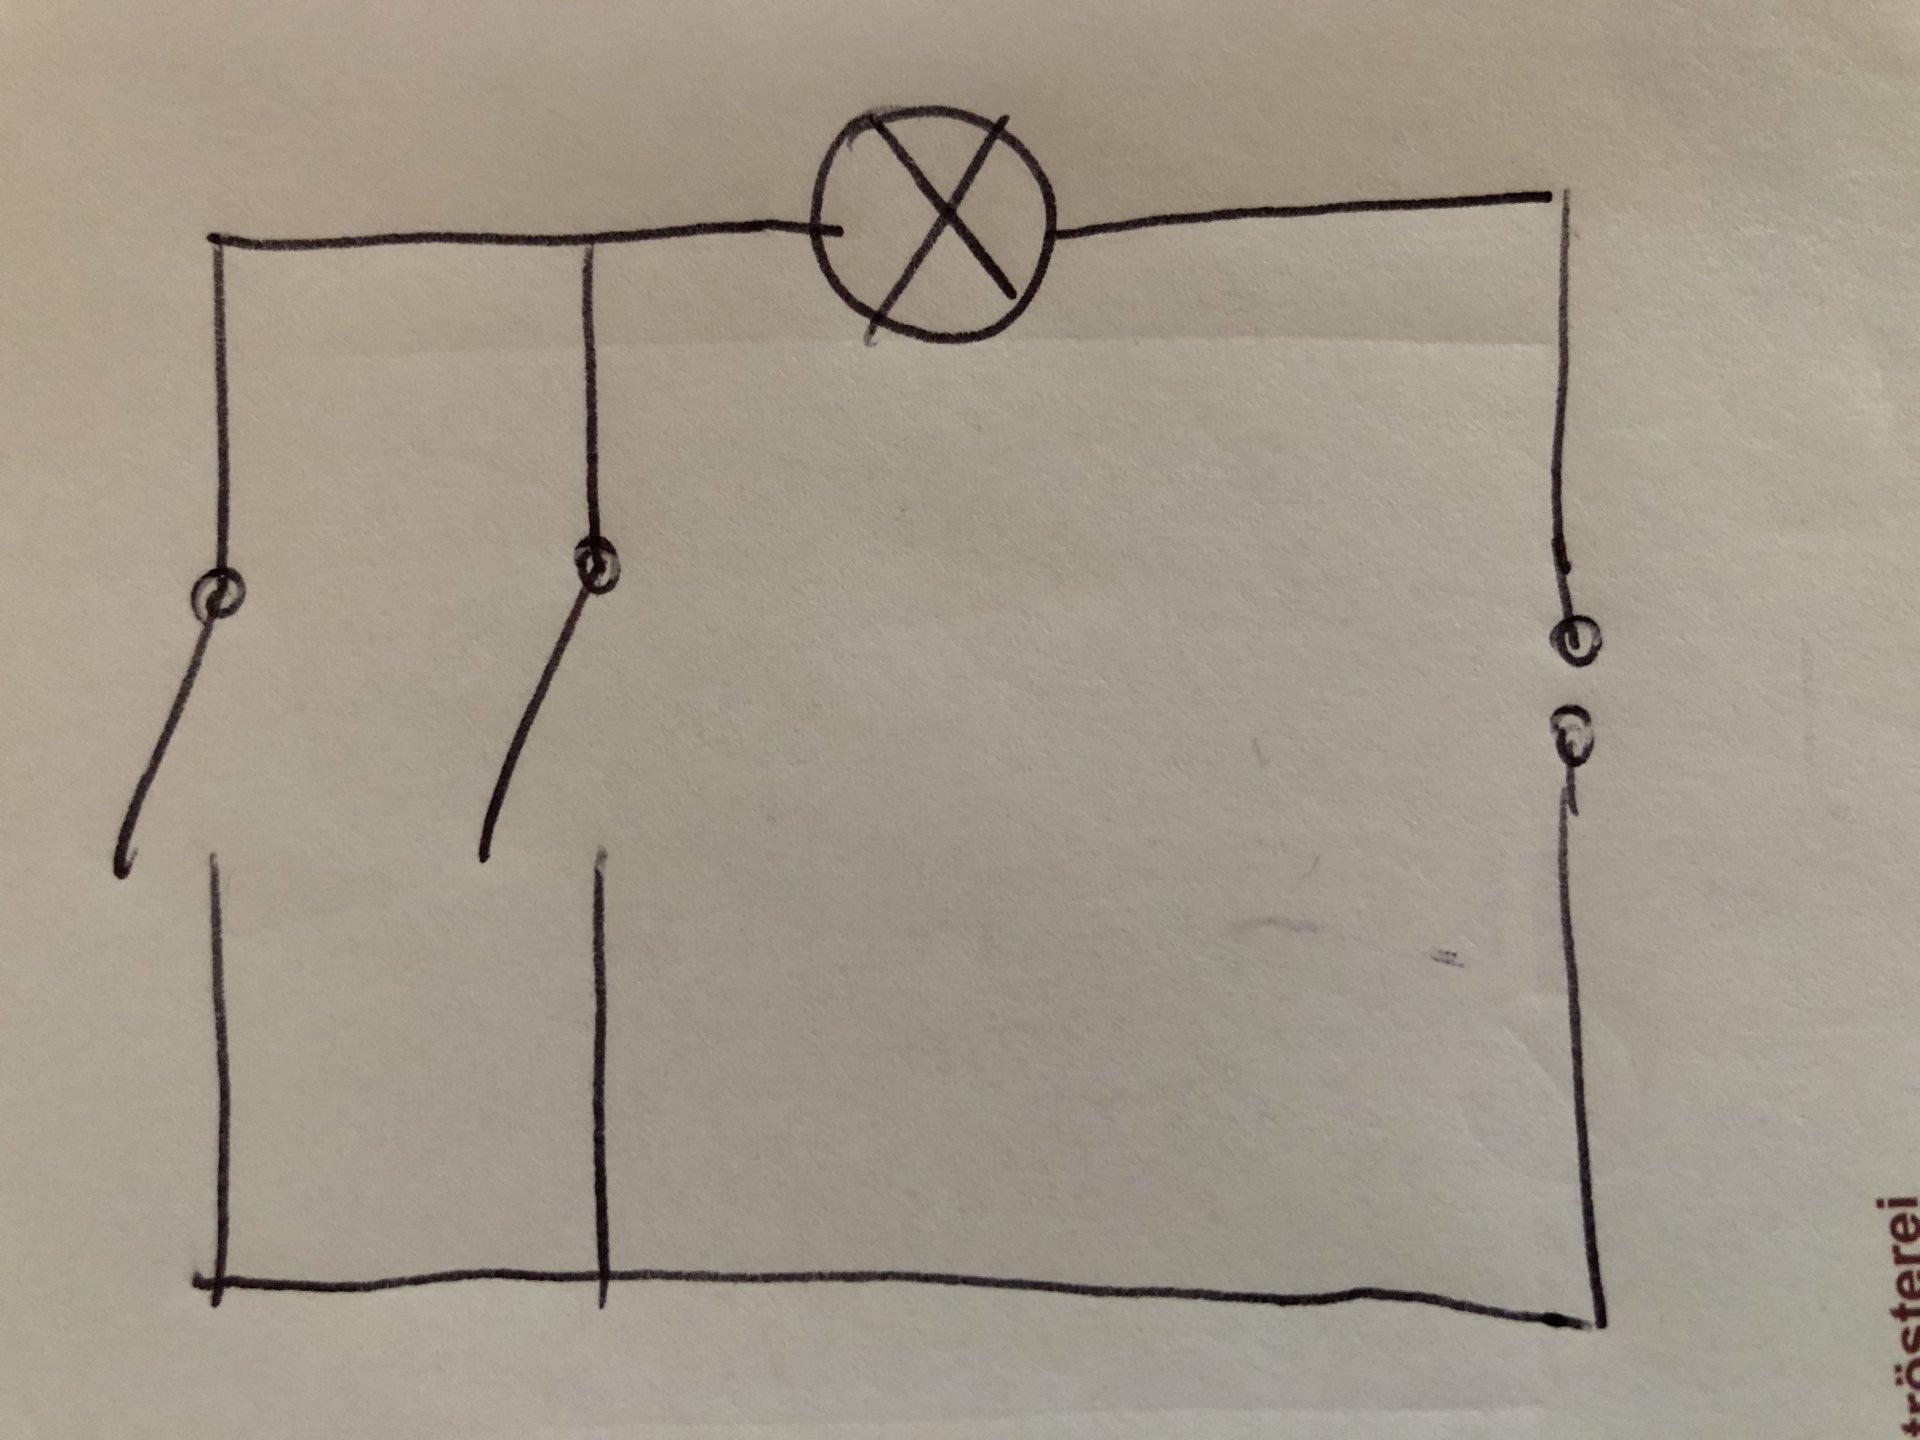 Schön Quecksilber Außenbordkabelbaum Diagramm Bilder - Elektrische ...